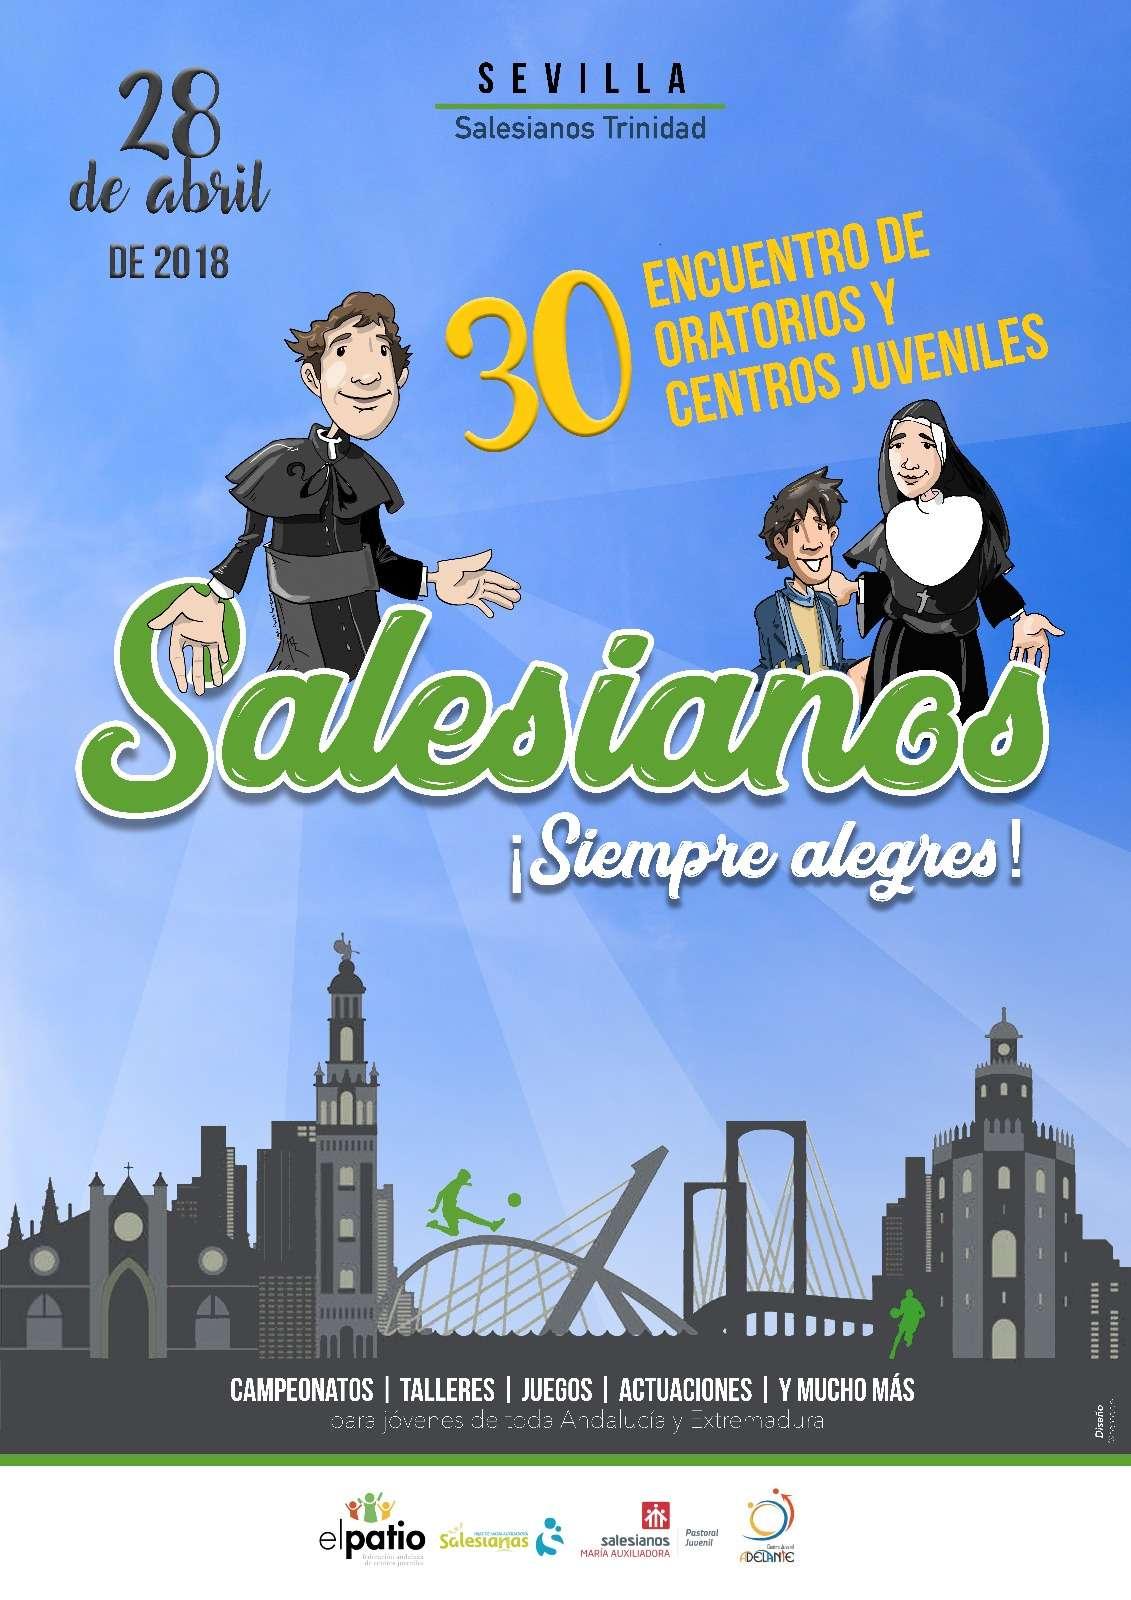 XXX ENCUENTRO DE ORATORIOS Y CENTROS JUVENILES